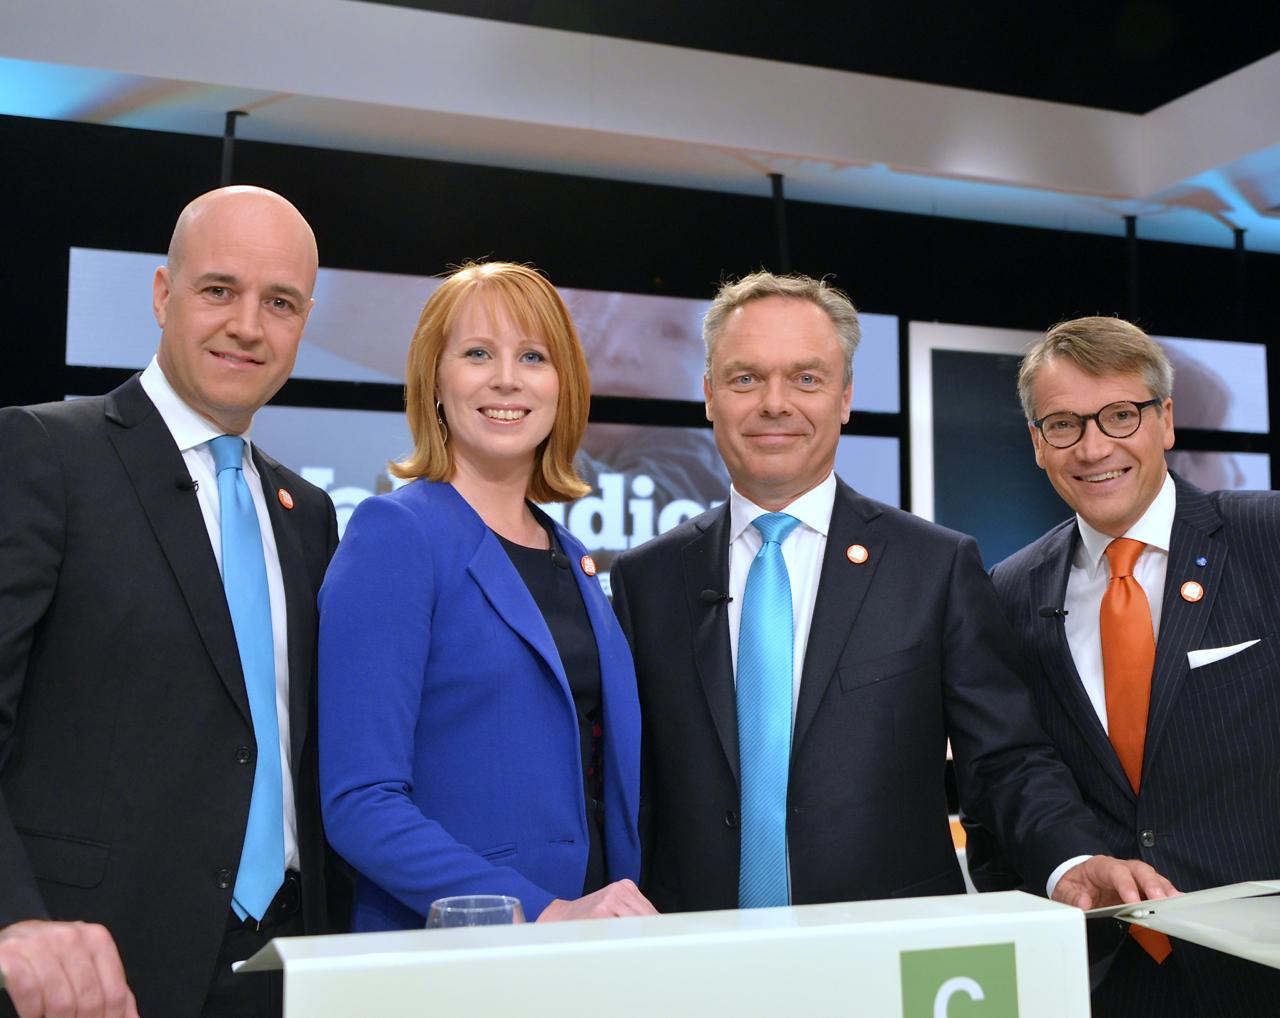 September werden der Reichstag in Stockholm und die regionalen und  kommunalen Parlamente gewählt. Nach den letzten Umfragen sind  Gesundheitsversorgung und ...